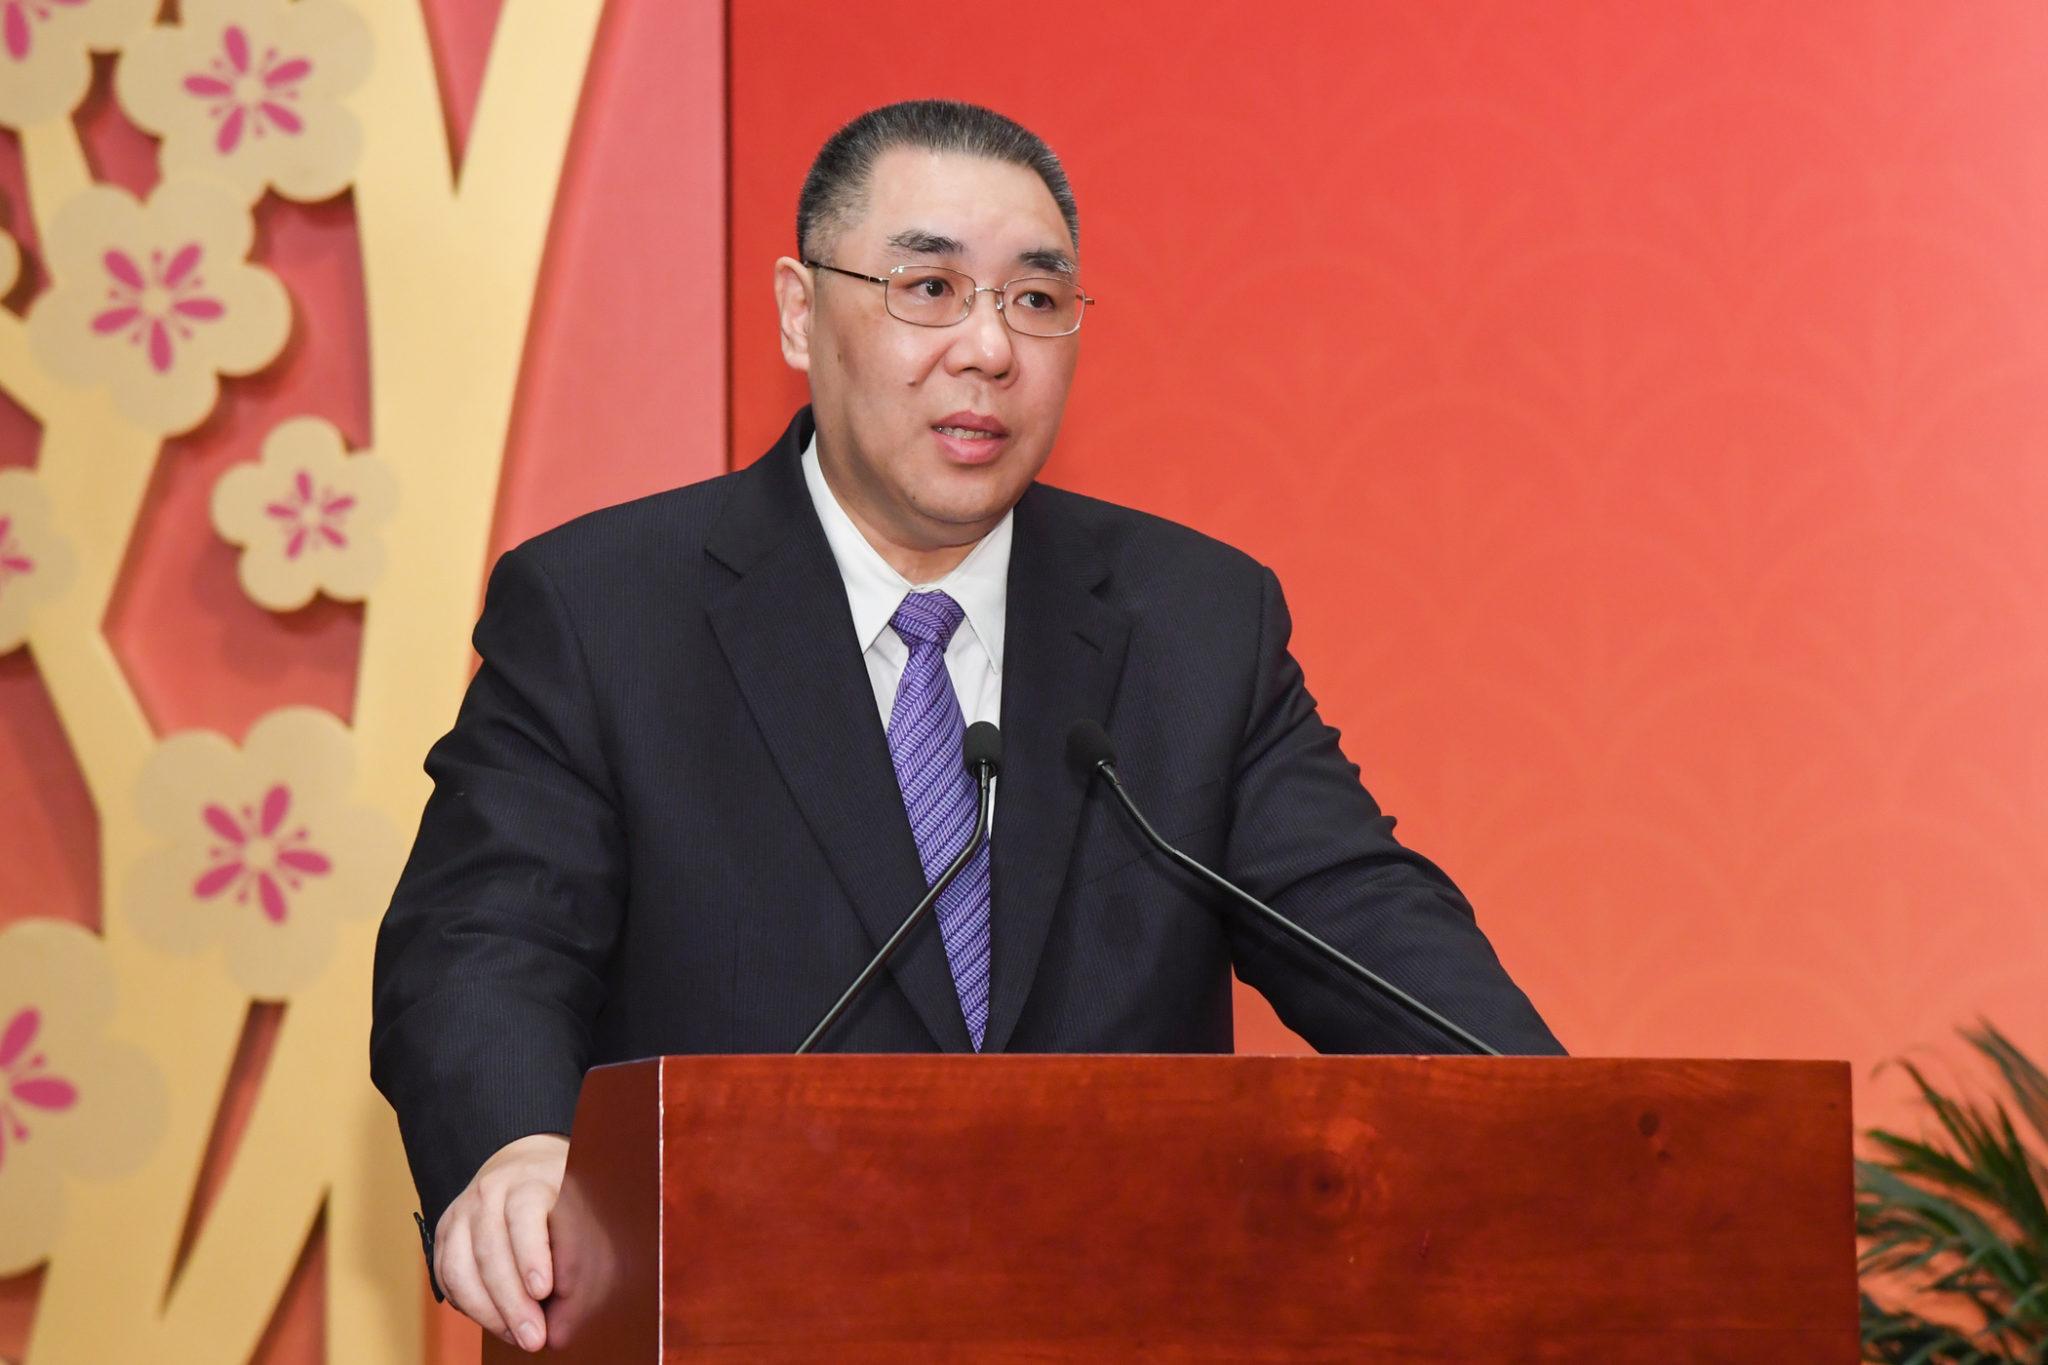 Mandato marcado pela estabilidade, crescimento económico e lealdade ao país, diz Chui Sai On à Xinhua